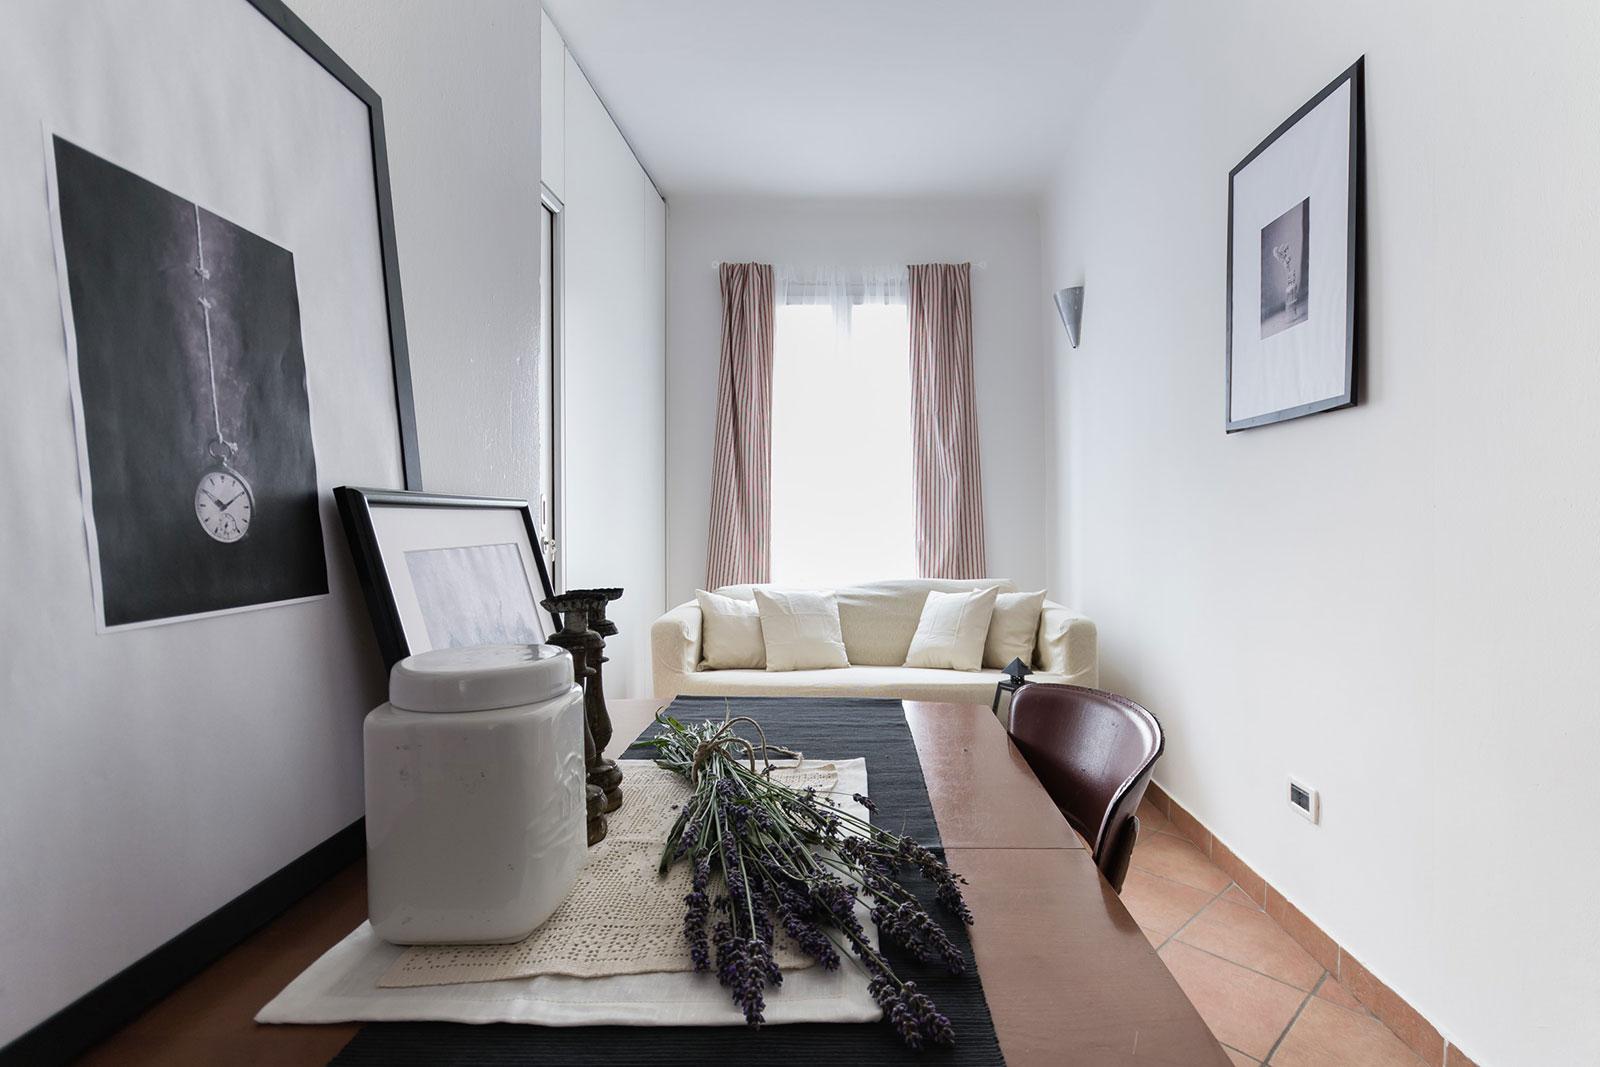 Appartamento centro Bologna dopo Home Staging - come vendere casa velocemente